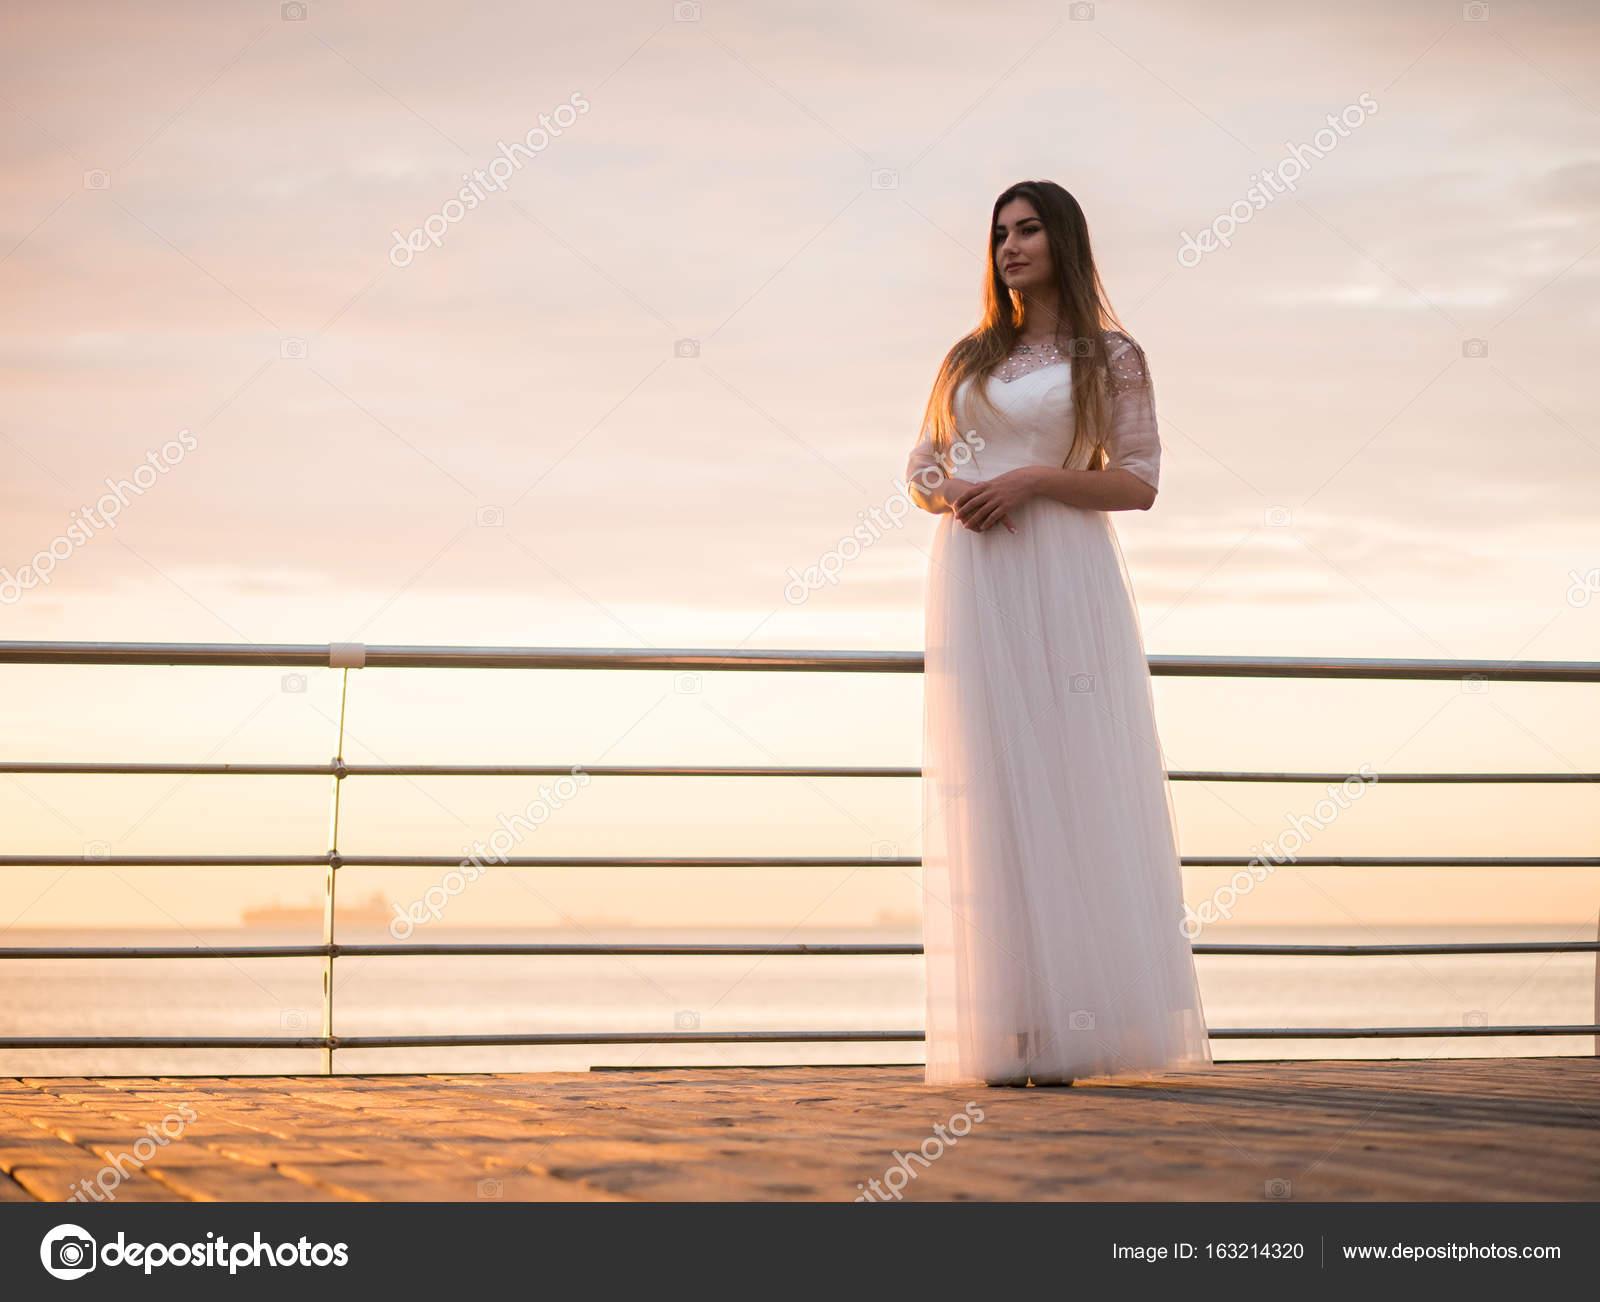 749dd4cded86c Chica de belleza sobre fondo de cielo en un vestido blanco cerca del mar.  hermosa novia